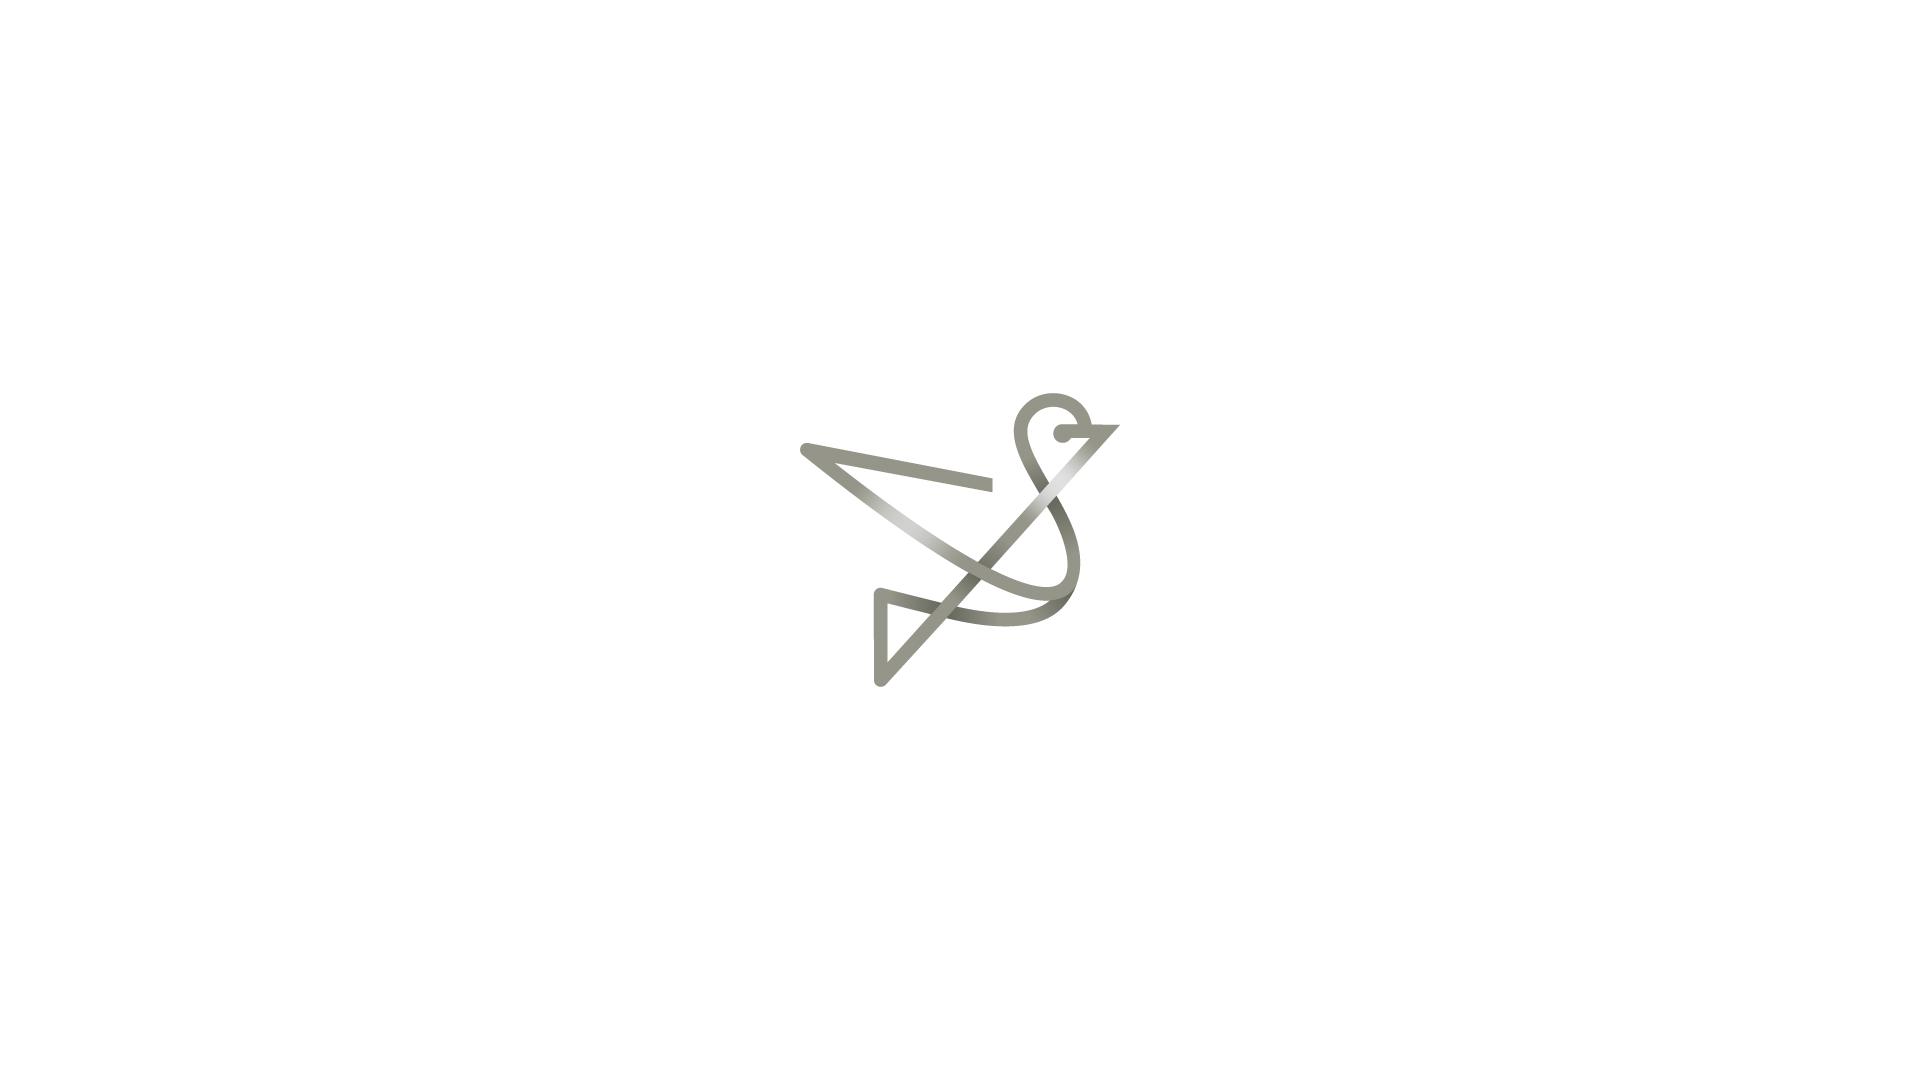 Bird logo design by DAINOGO - For sale